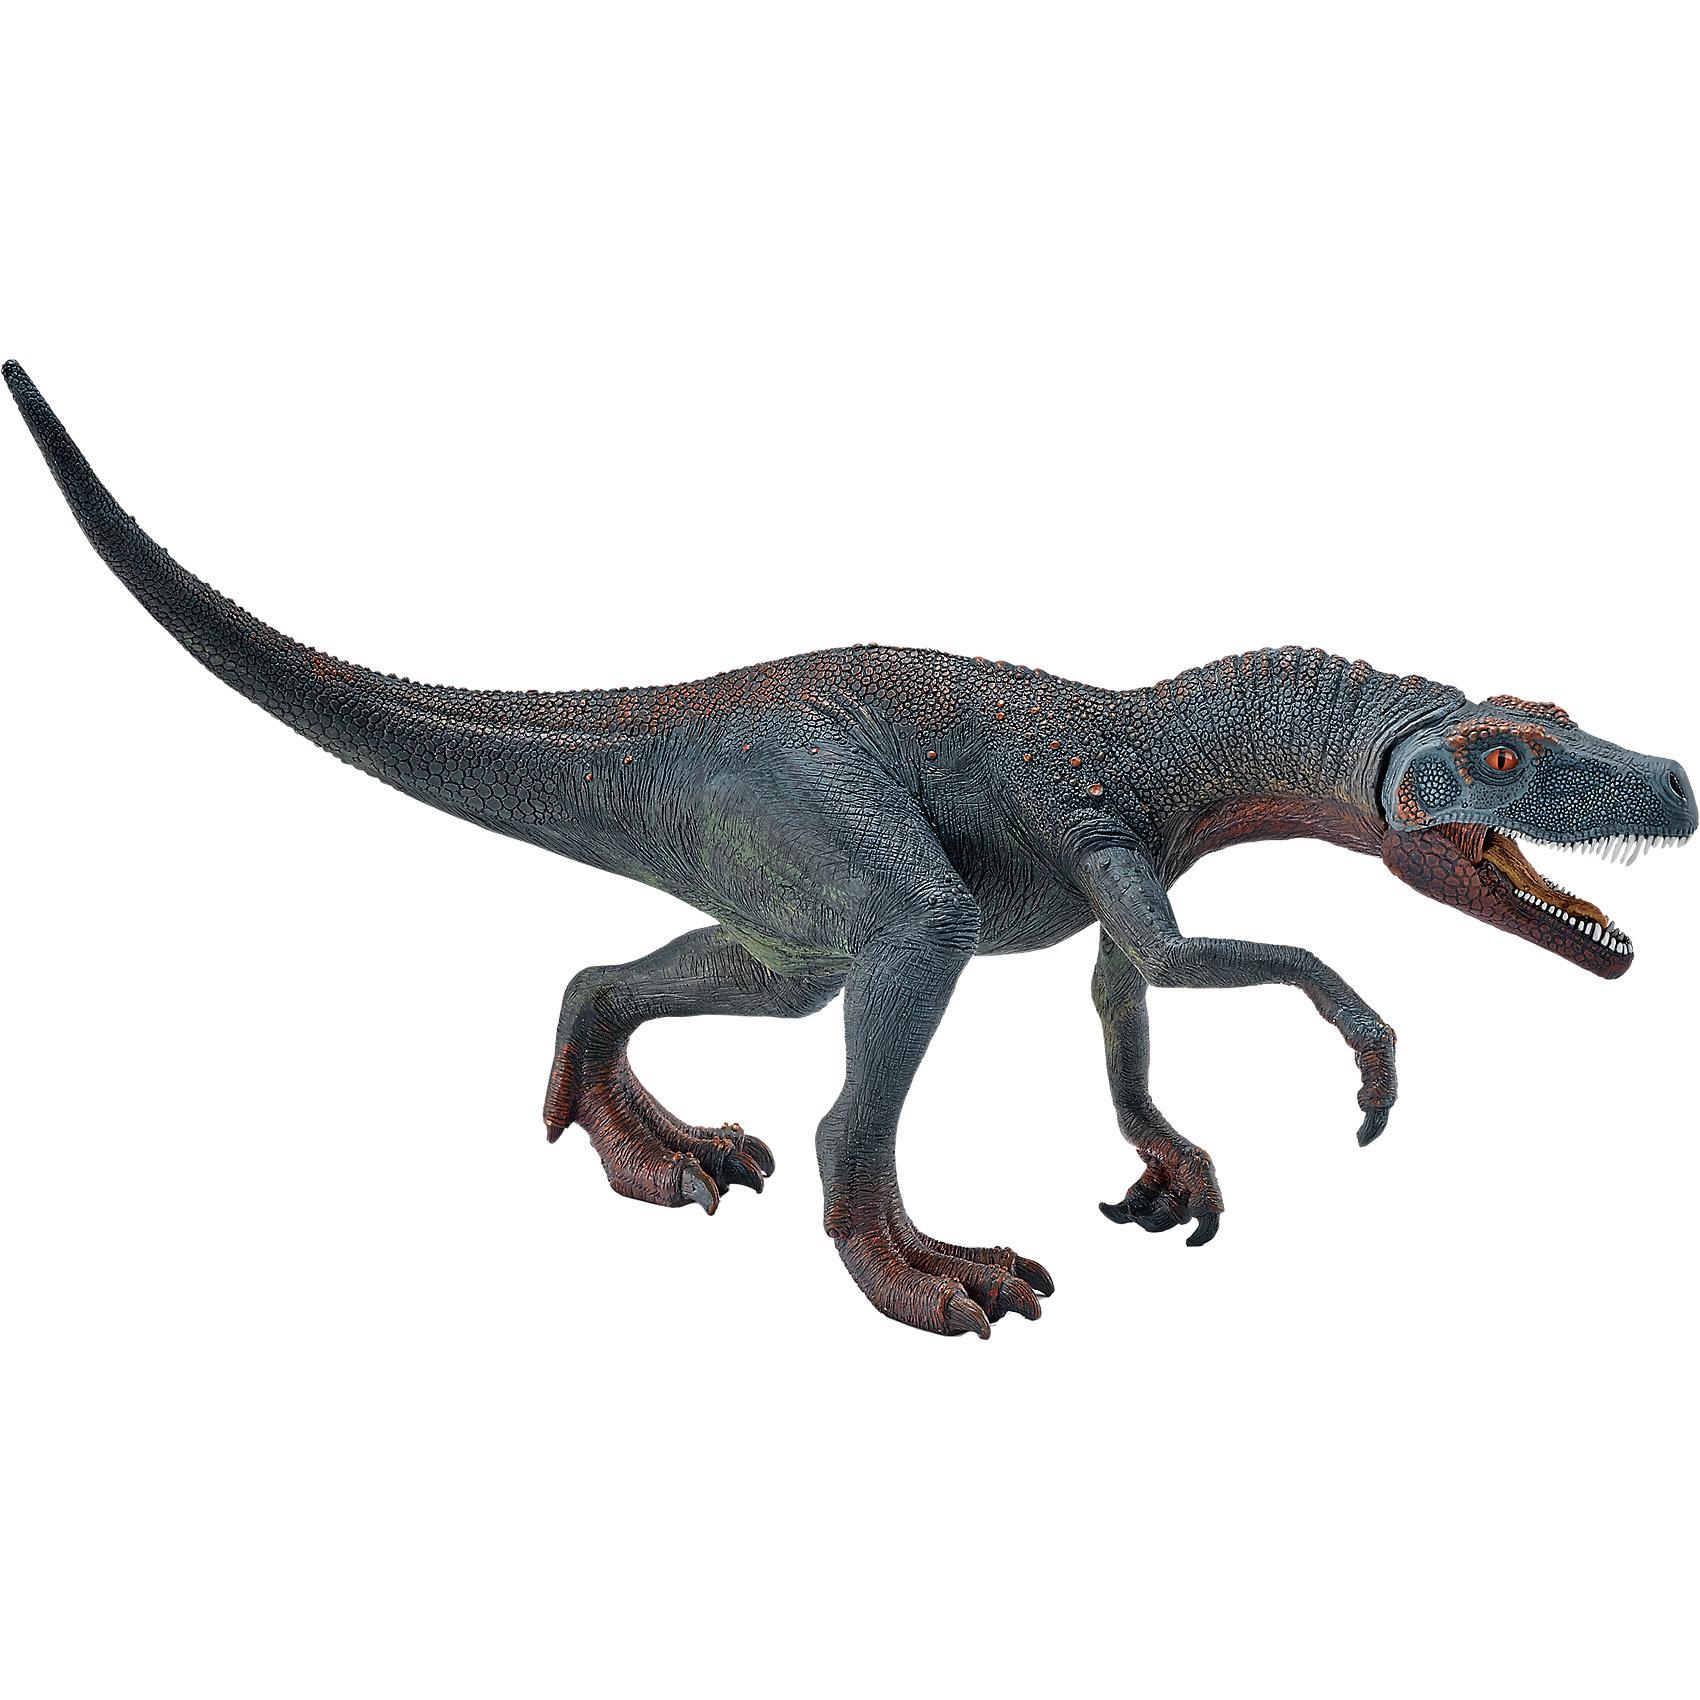 Герреразавр, SchleichГерреразавр, Schleich – отличное пополнение коллекции динозавров или ее начала.<br>Если ребенок увлекается динозаврами, то Герреразавр станет отличным подарком для него. И порадовать интересным фактов, что динозавр назван в честь пастуха, который нашел его останки. Может быть, скоро и в честь маленького коллекционера назовут еще не известного динозавра? Фигурка в точности повторяет воспроизведенное строение Герреразавра. Изготовлена она из качественного материала, который безопасен для детей и не вызывает аллергии. Пасть динозавра открывается и закрывается.<br><br>Дополнительная информация:<br><br>- возраст: от 3 лет<br>- материал: каучук, пластик<br>- размер: 23 х 7.5 х 12.5 см<br>- страна: Германия<br><br>Герреразавр, Schleich можно купить в нашем интернет магазине.<br><br>Ширина мм: 223<br>Глубина мм: 114<br>Высота мм: 76<br>Вес г: 192<br>Возраст от месяцев: 60<br>Возраст до месяцев: 144<br>Пол: Мужской<br>Возраст: Детский<br>SKU: 4662504